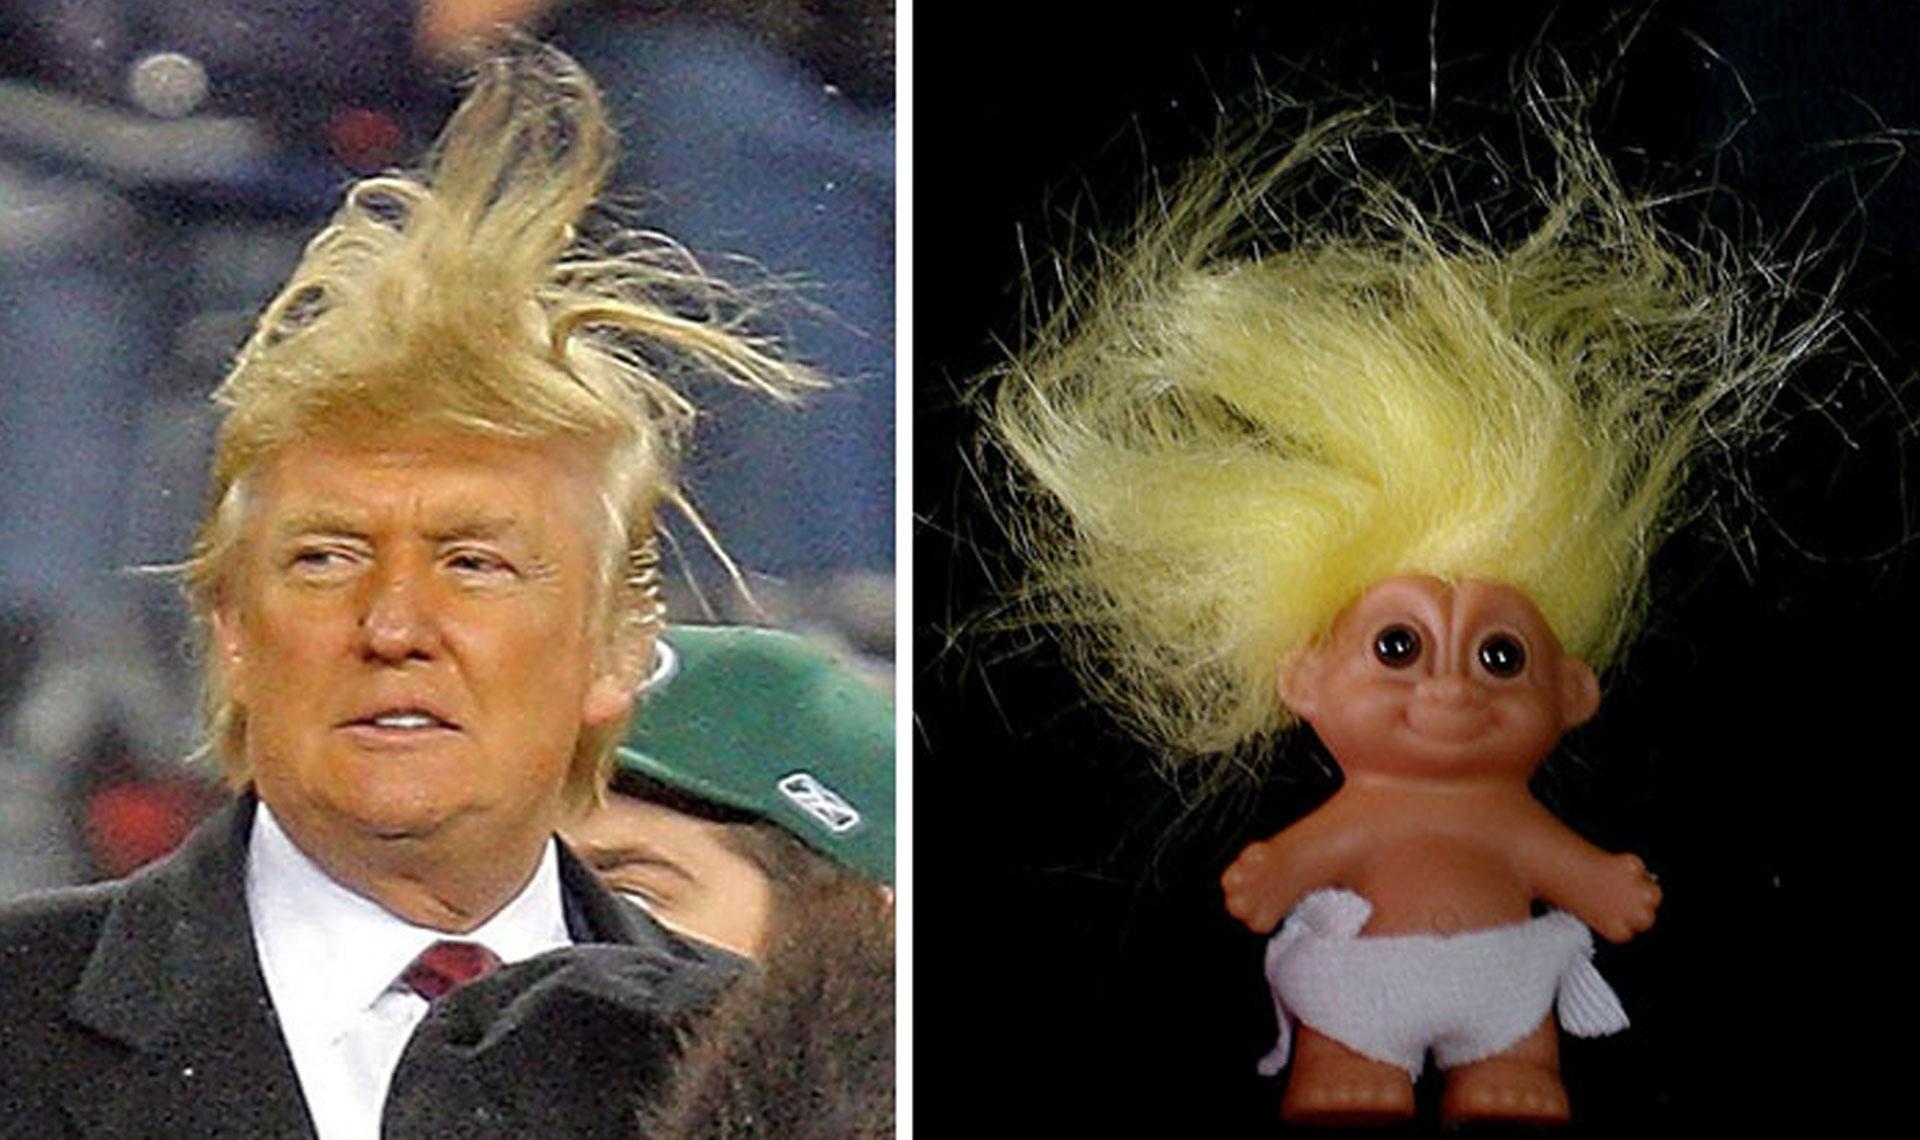 ... ressemblent à Donald Trump, belle moumoute monsieur Trump ! | Topito